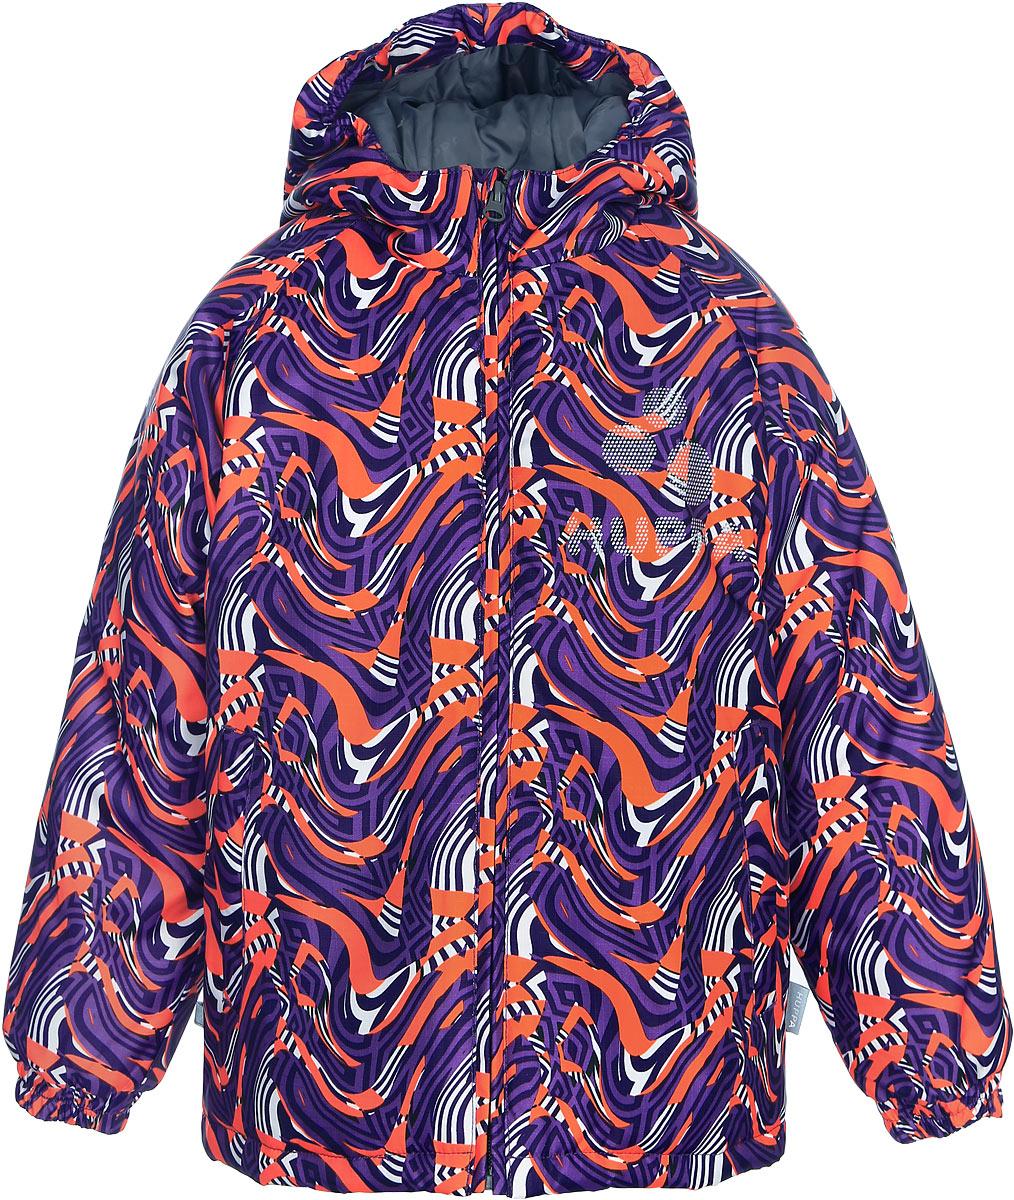 Куртка детская Huppa Classy, цвет: пурпурный. 17710030-483. Размер 13417710030-483Детская куртка Huppa изготовлена из водонепроницаемого полиэстера. Куртка с капюшоном застегивается на пластиковую застежку-молнию с защитой подбородка. Края капюшона и рукавов собраны на внутренние резинки. У модели имеются два врезных кармана. Изделие дополнено светоотражающими элементами.